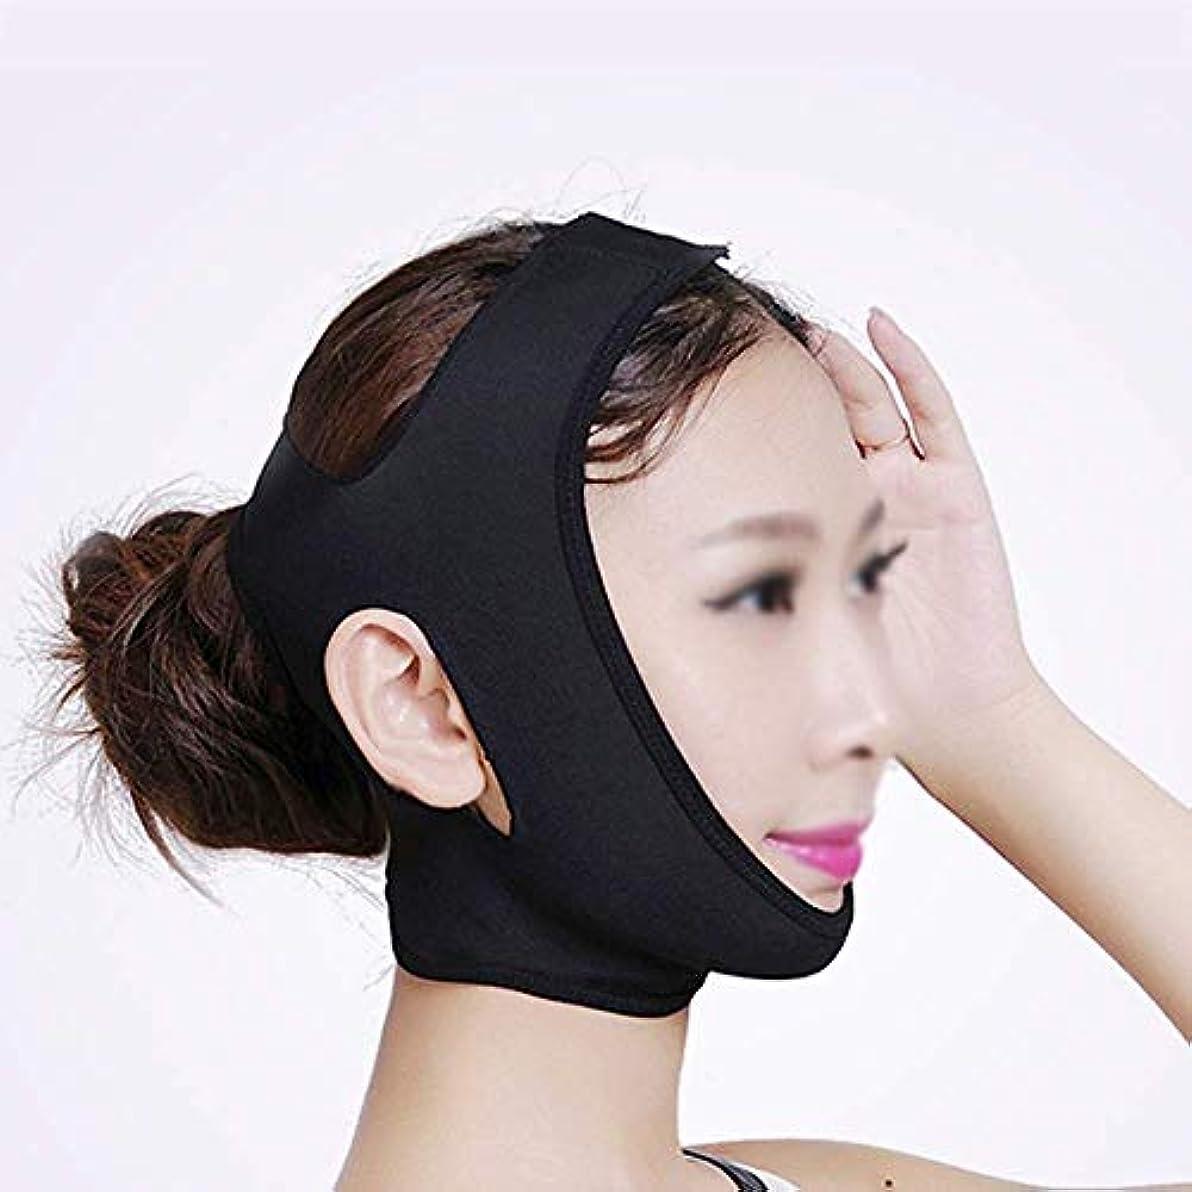 ヤギ仕方国内のフェイシャル減量マスクリフティングフェイス、フェイスマスク、減量包帯を除去するためのダブルチン、フェイシャルリフティング包帯、ダブルチンを減らすためのリフティングベルト(カラー:ブラック、サイズ:M),黒、M